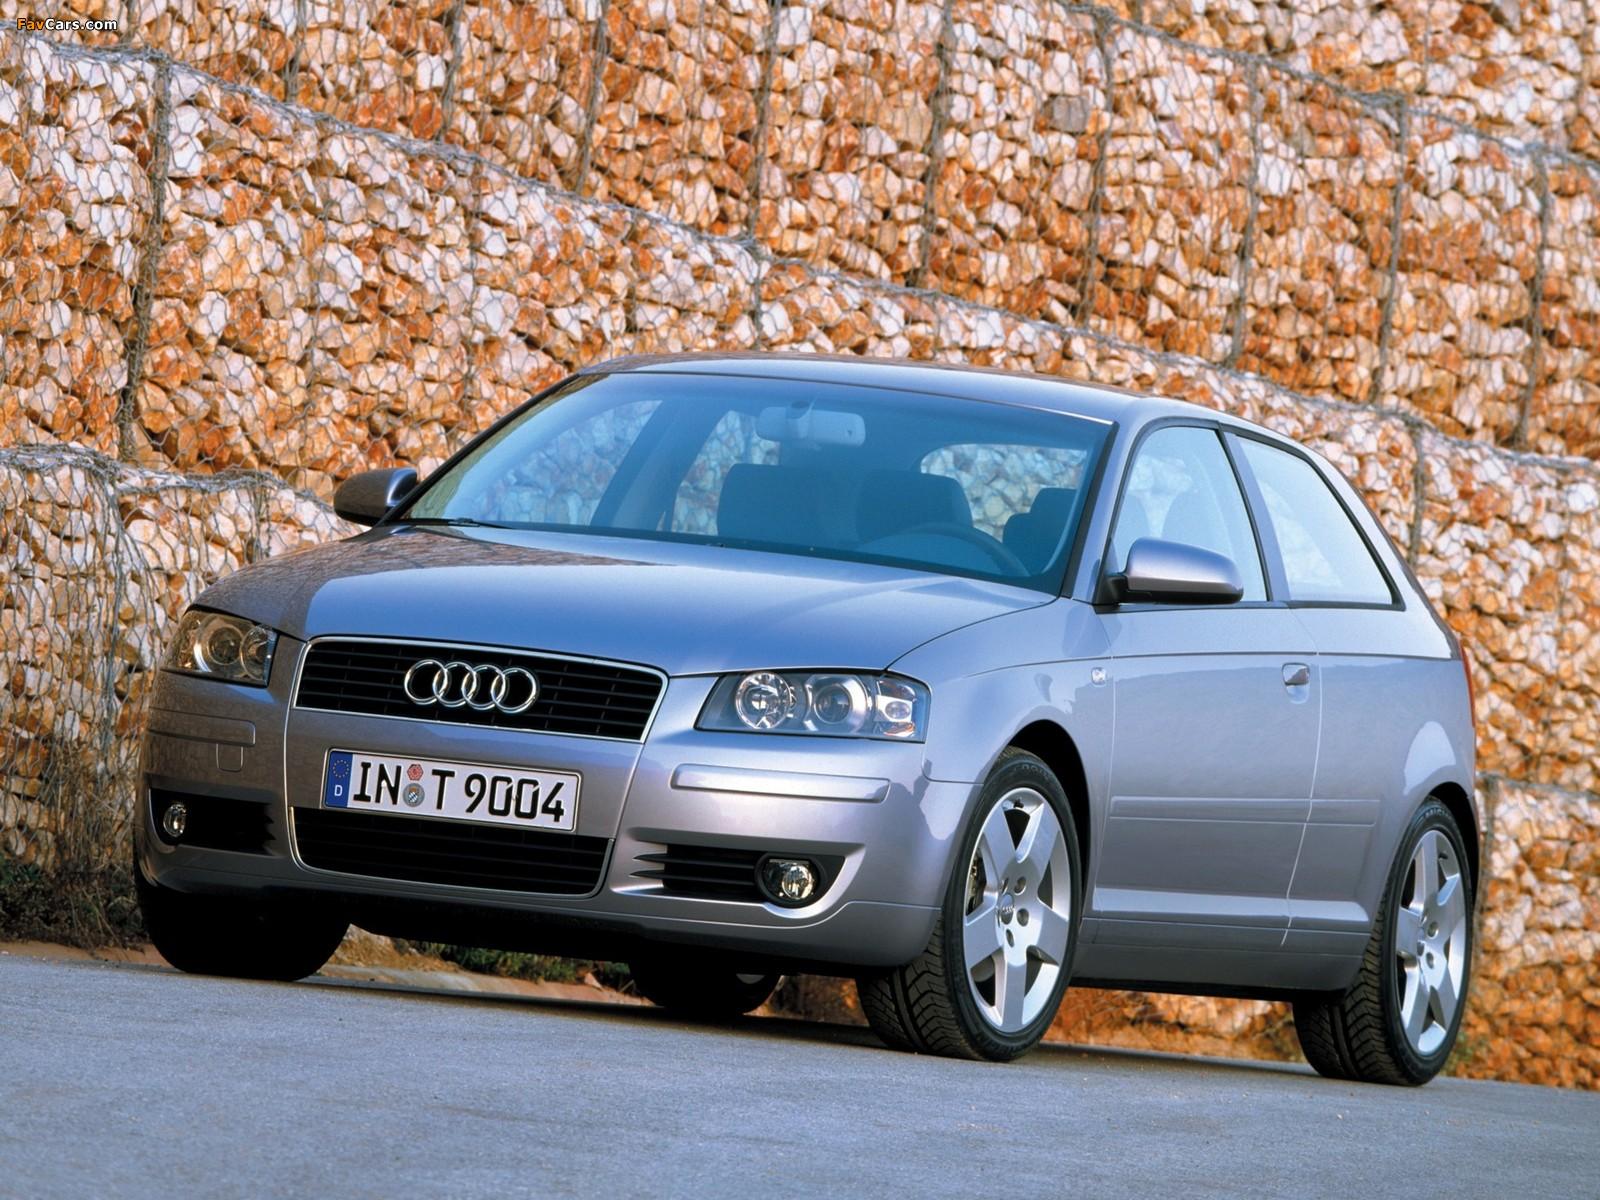 Audi A3 2 0 Tdi 8p 2003 2005 Images 1600x1200